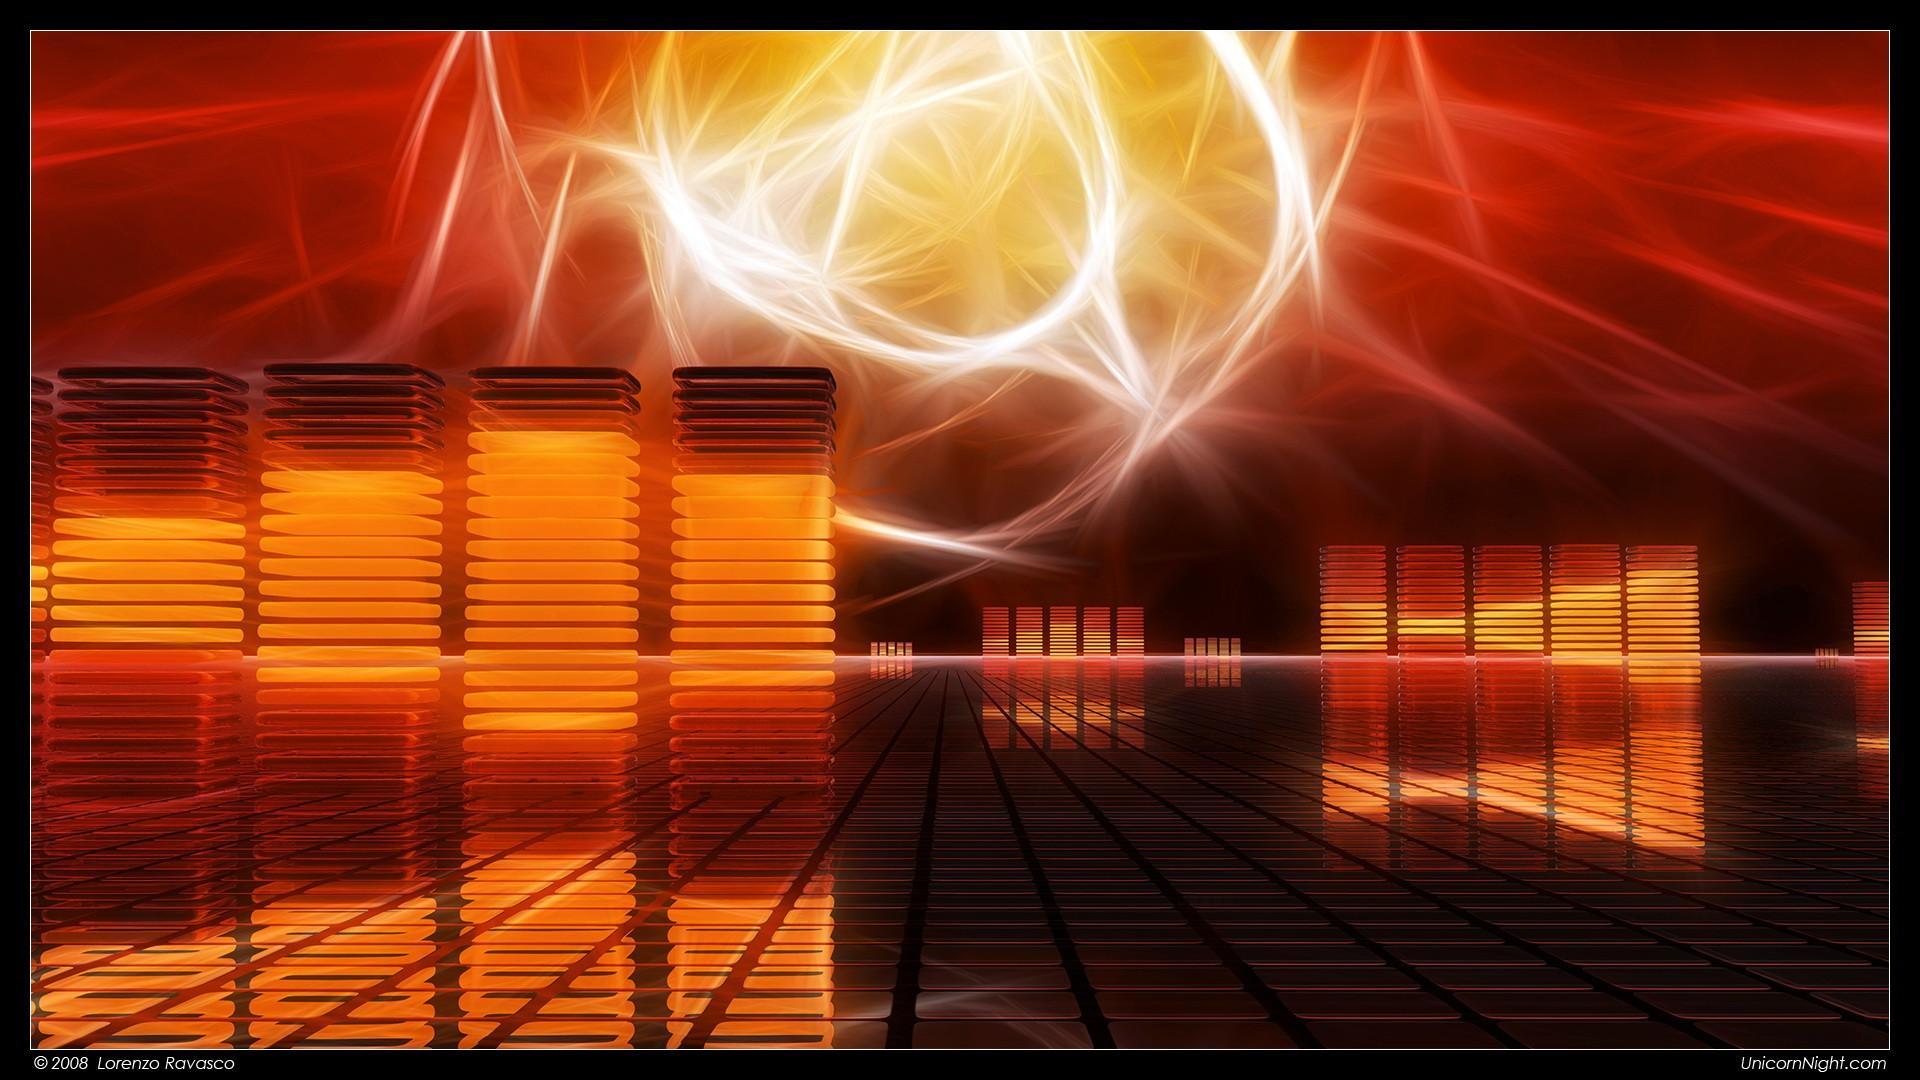 Alienware Iphone Wallpaper Orange Wallpapers Pictures Images